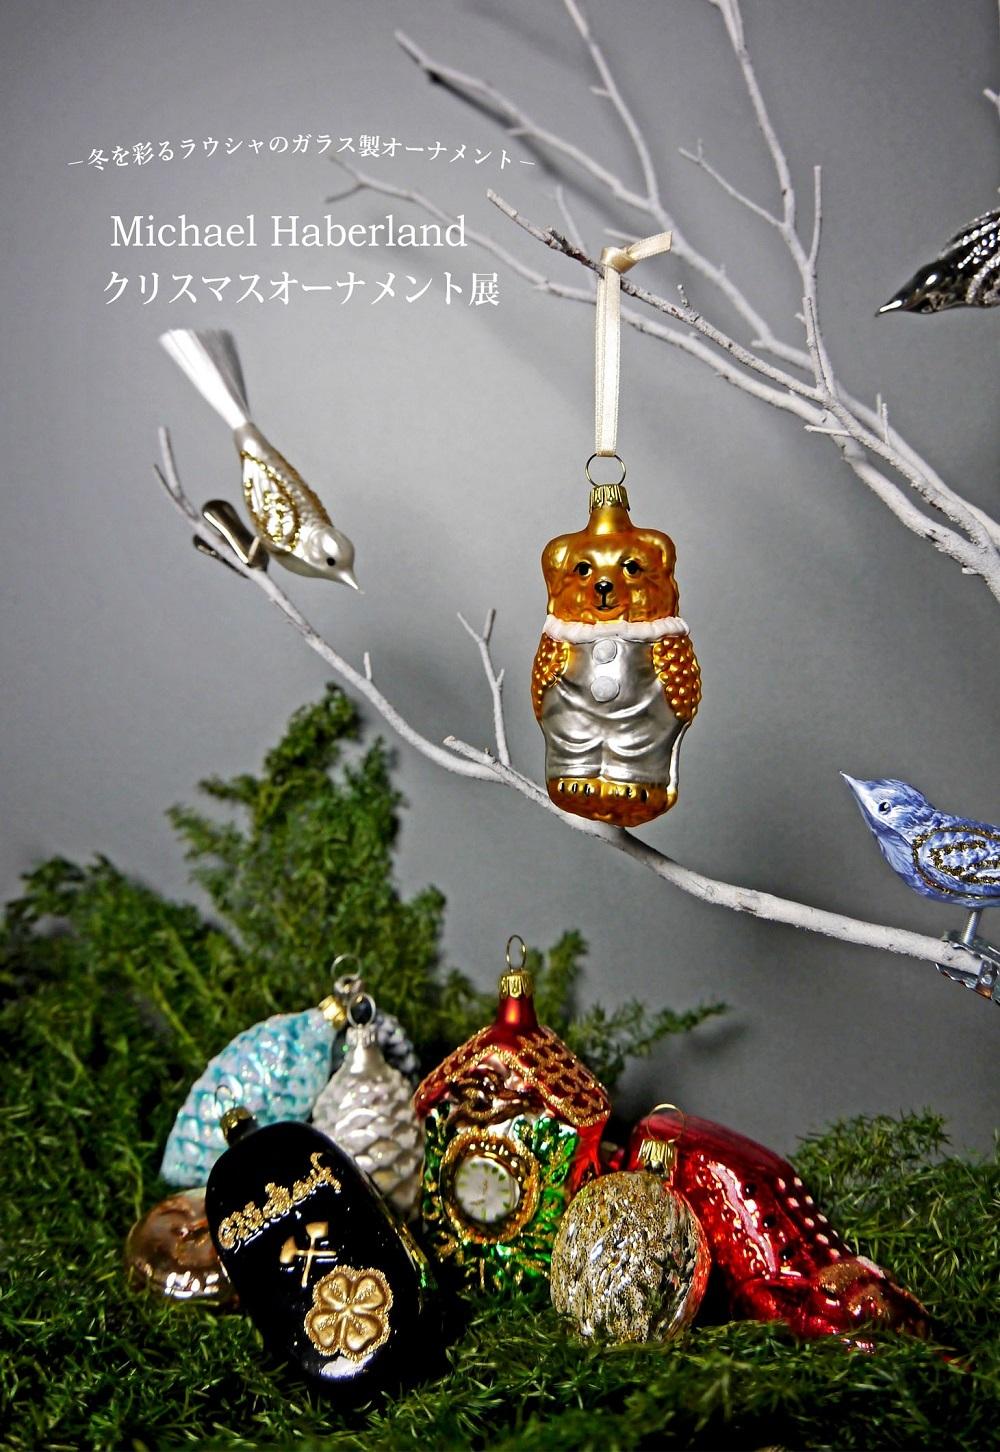 ミヒャエル・ハーバーラント クリスマスオーナメント展_a0260022_14163051.jpg